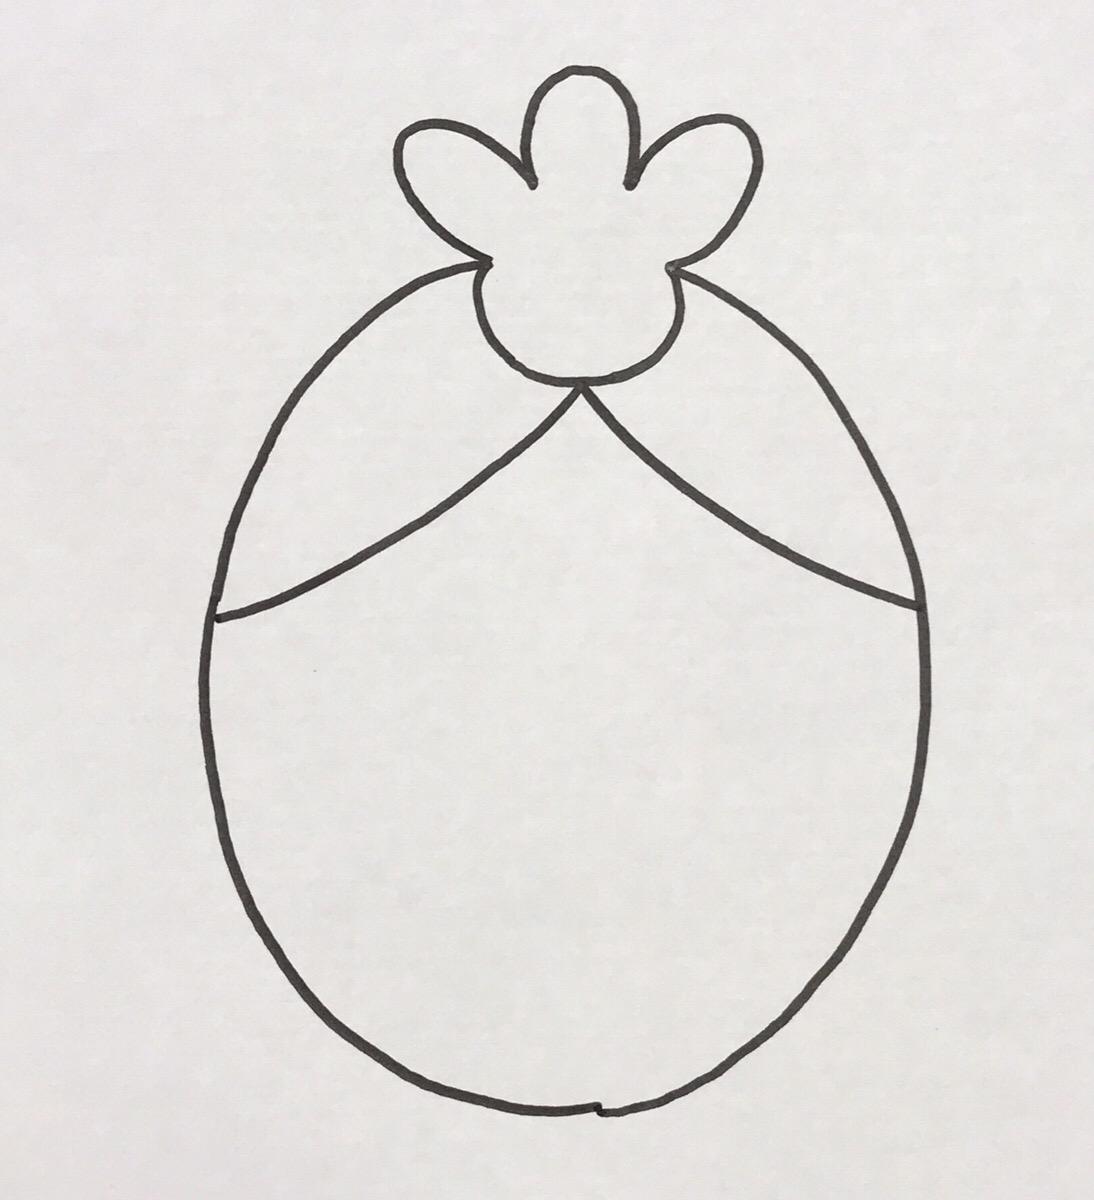 小ぶりな円の中心から卵型の円の縁に向けて、対象にカタカナの「ノ」の字を描きます